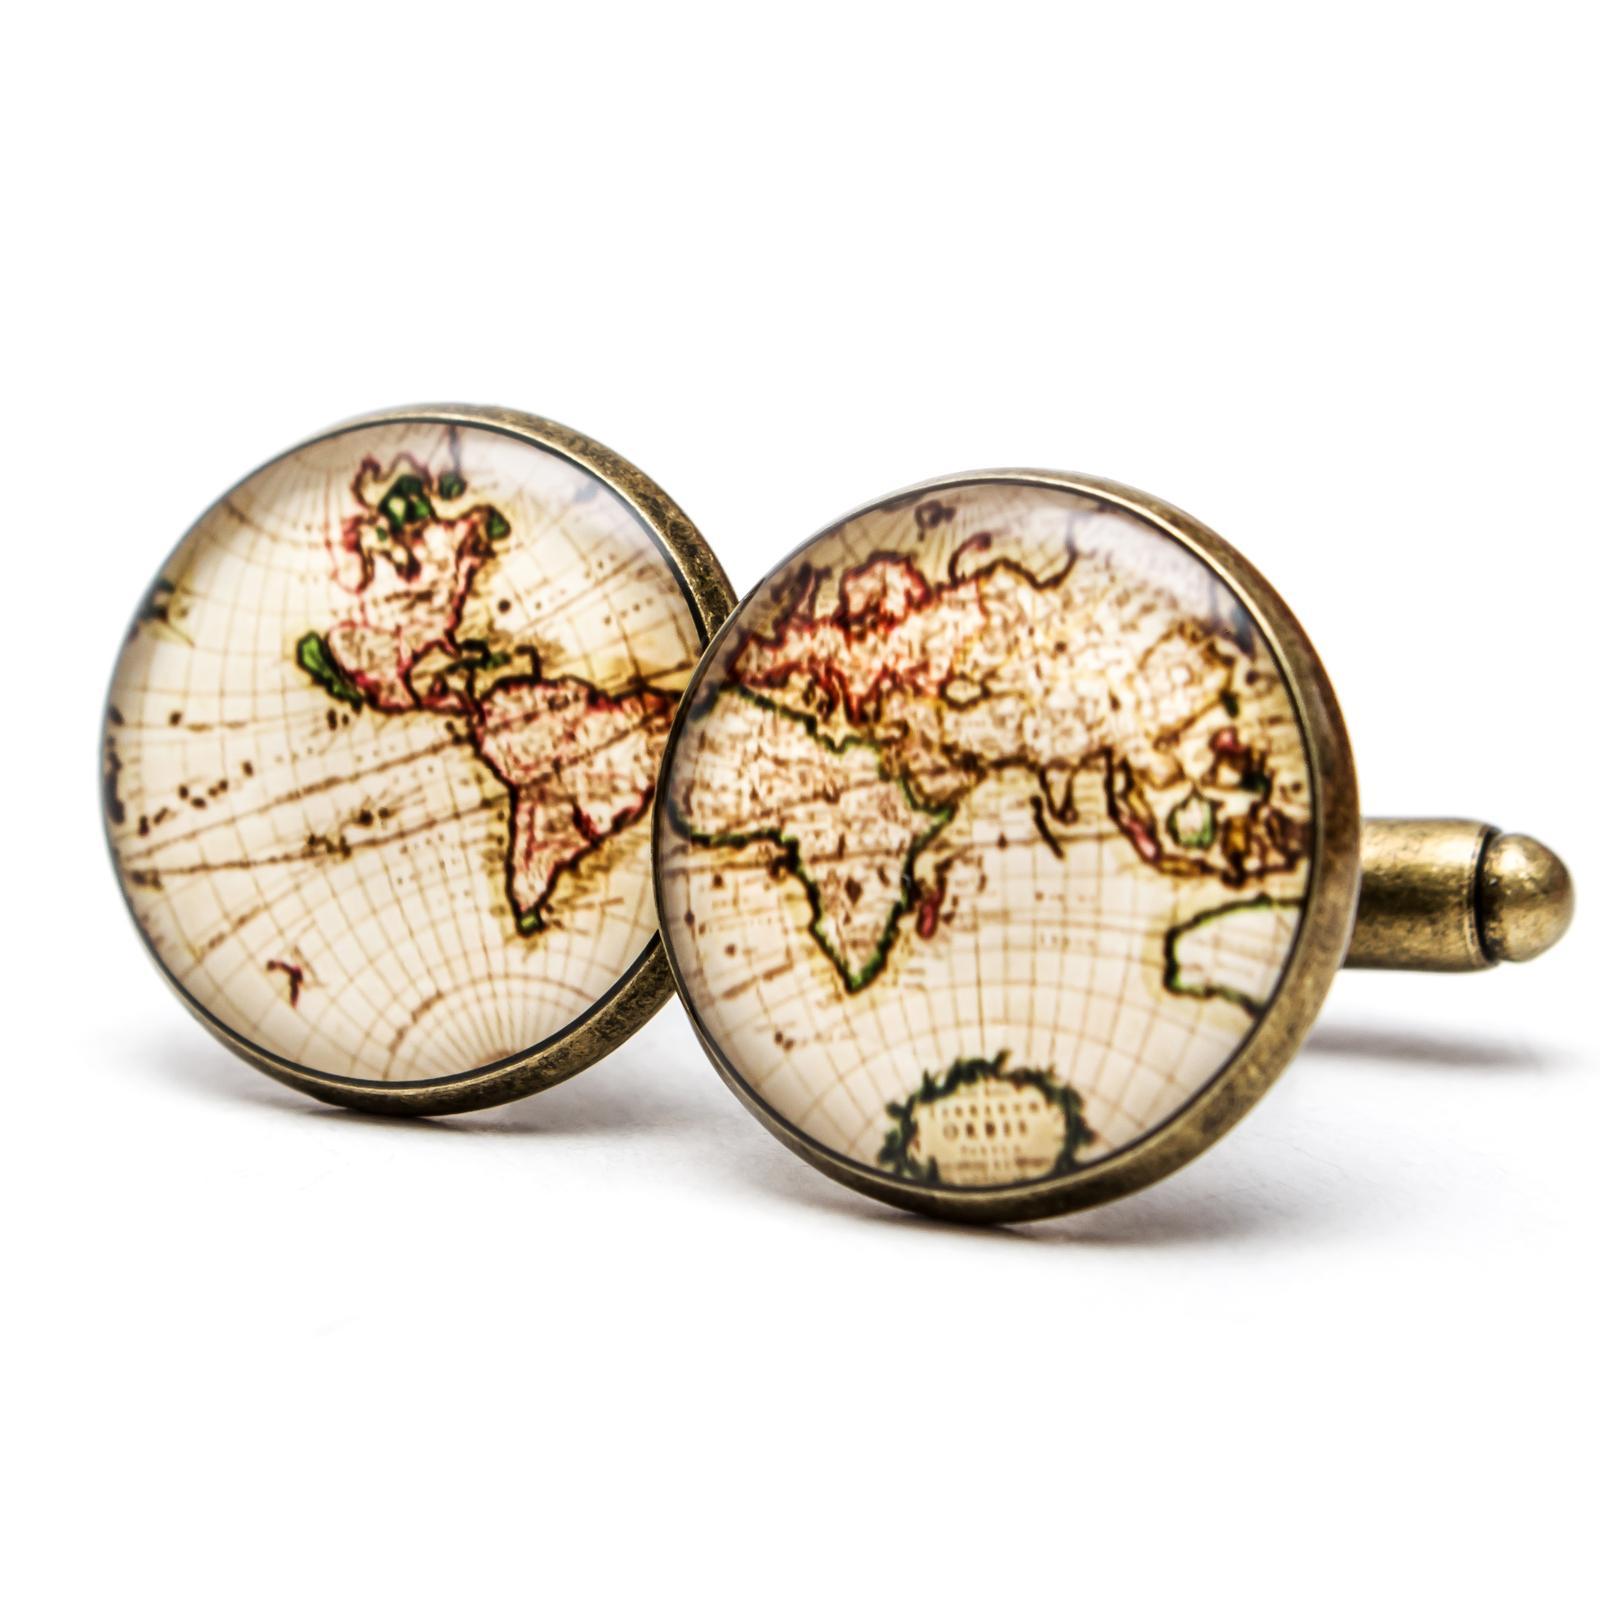 ♥  Manžetové gombíky na mieru - presne podľa Tvojich predstáv ♥ - Objavuj svet